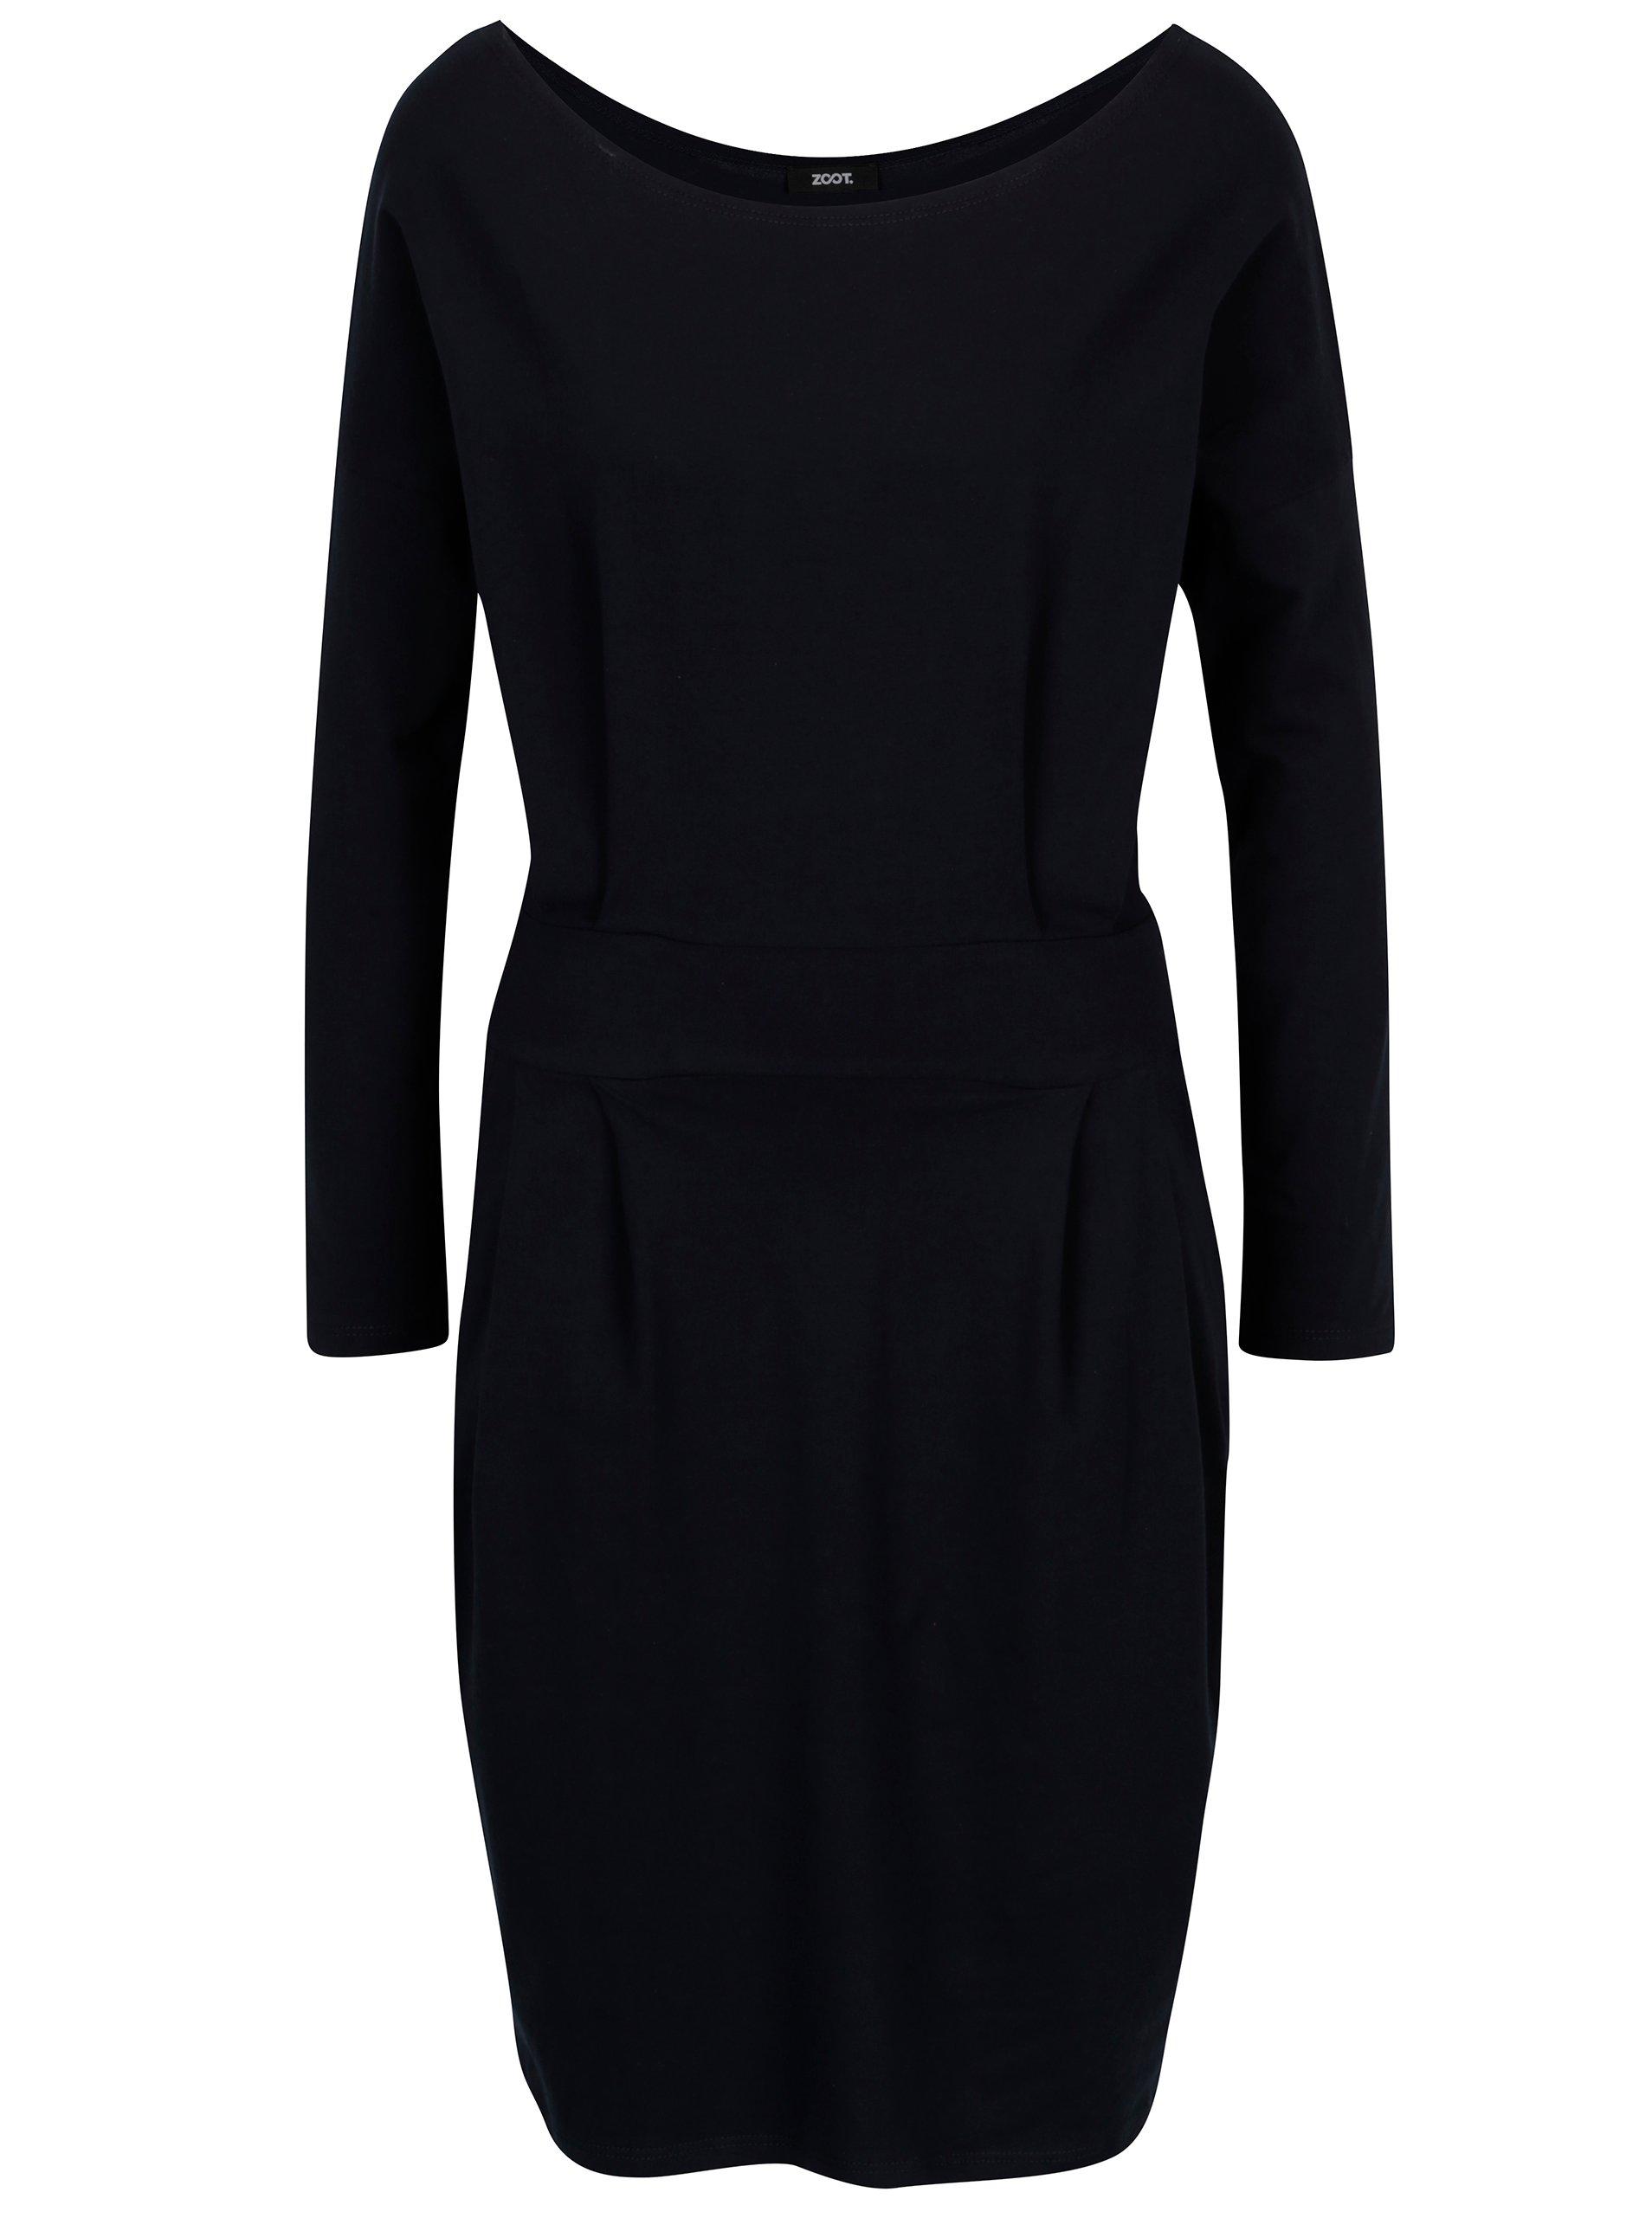 bb528a6320df ... modré pouzdrové šaty s kapsami a dlouhým rukávem ZOOT. -50%. Tmavě ...